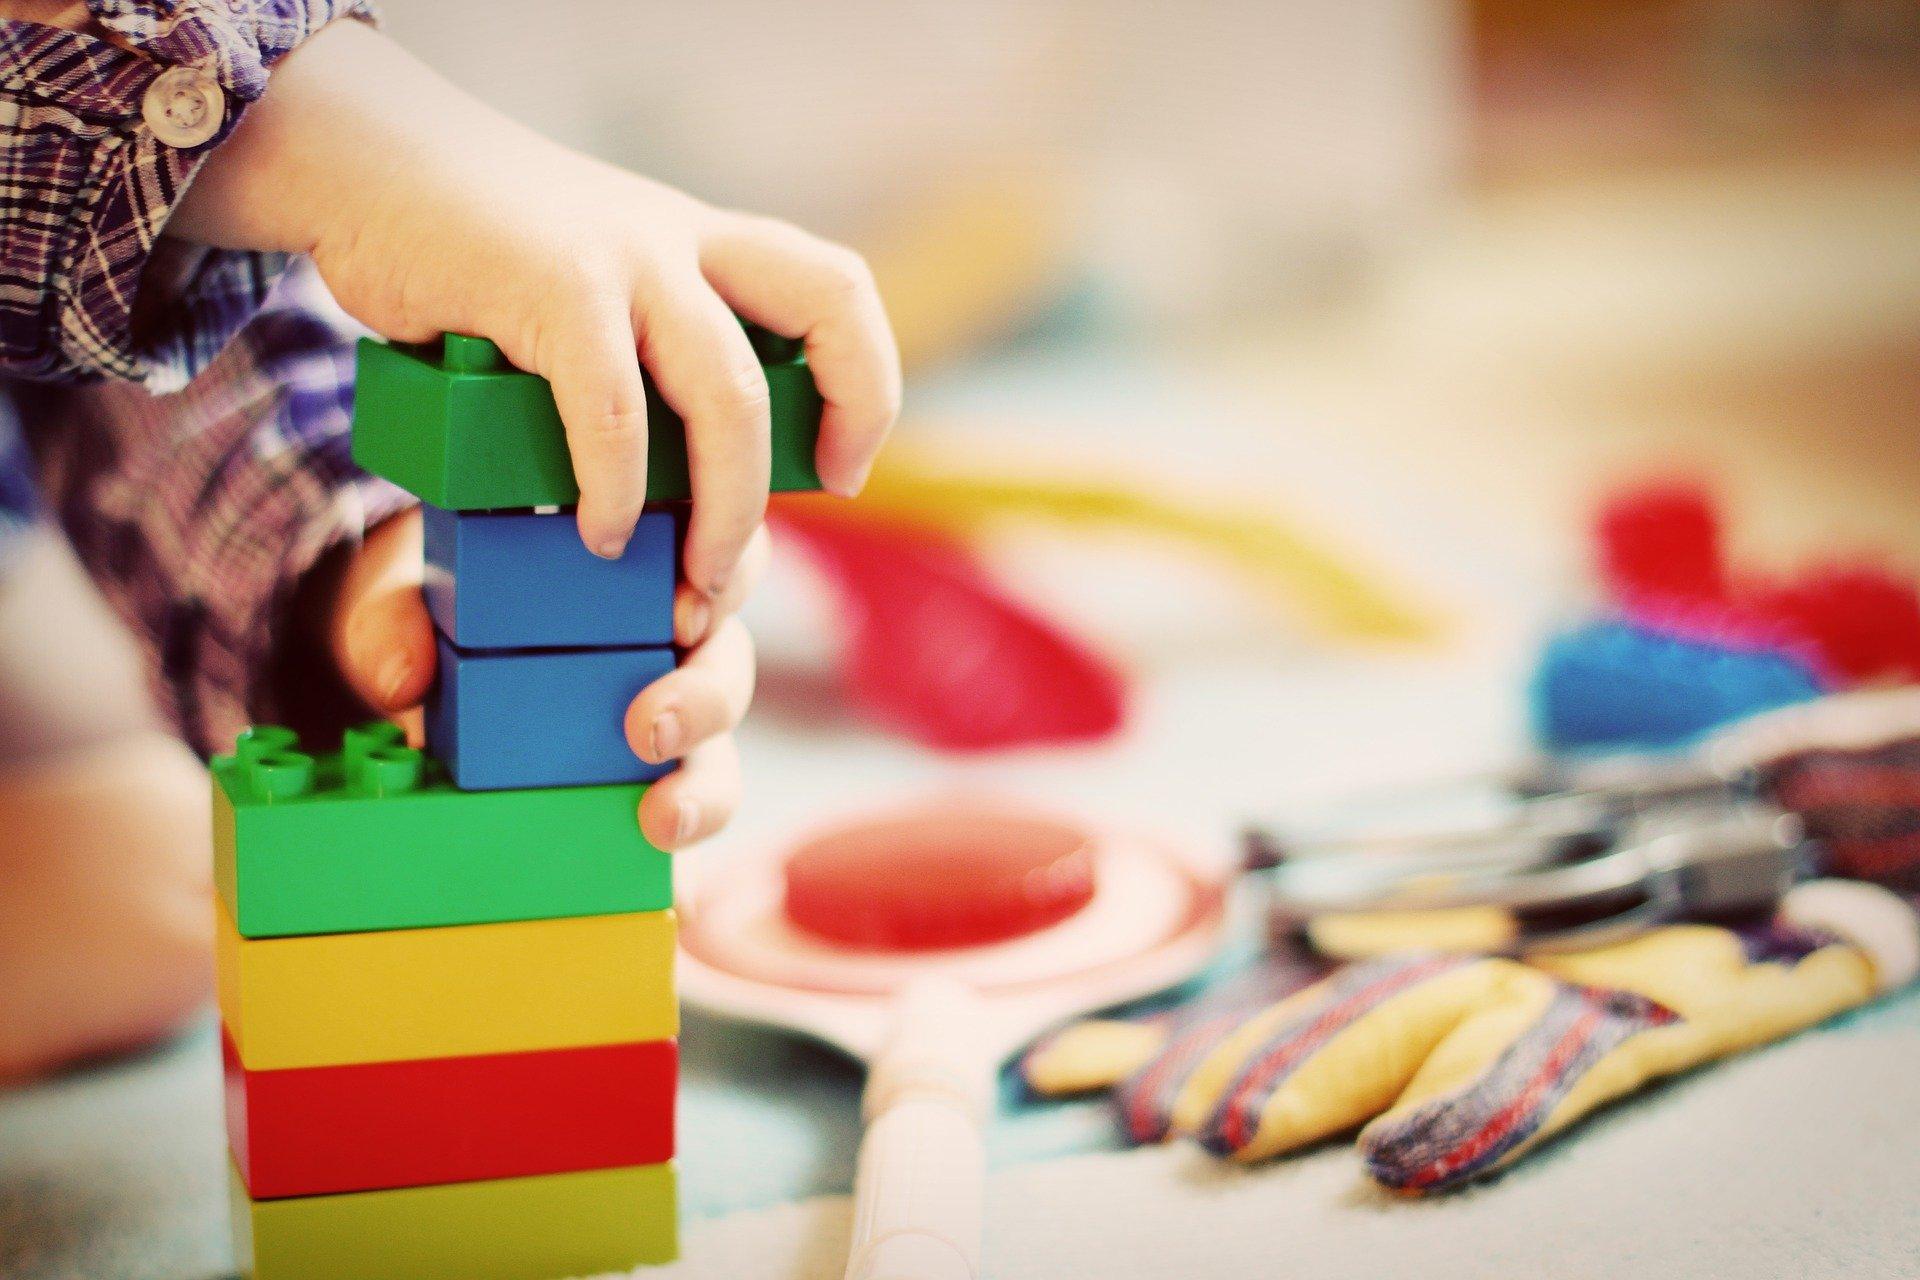 Familienverband zeigt sich enttäuscht von möglicher Streichung der Förderung des Elternbeitrags für private Kinderbetreuungseinrichtungen